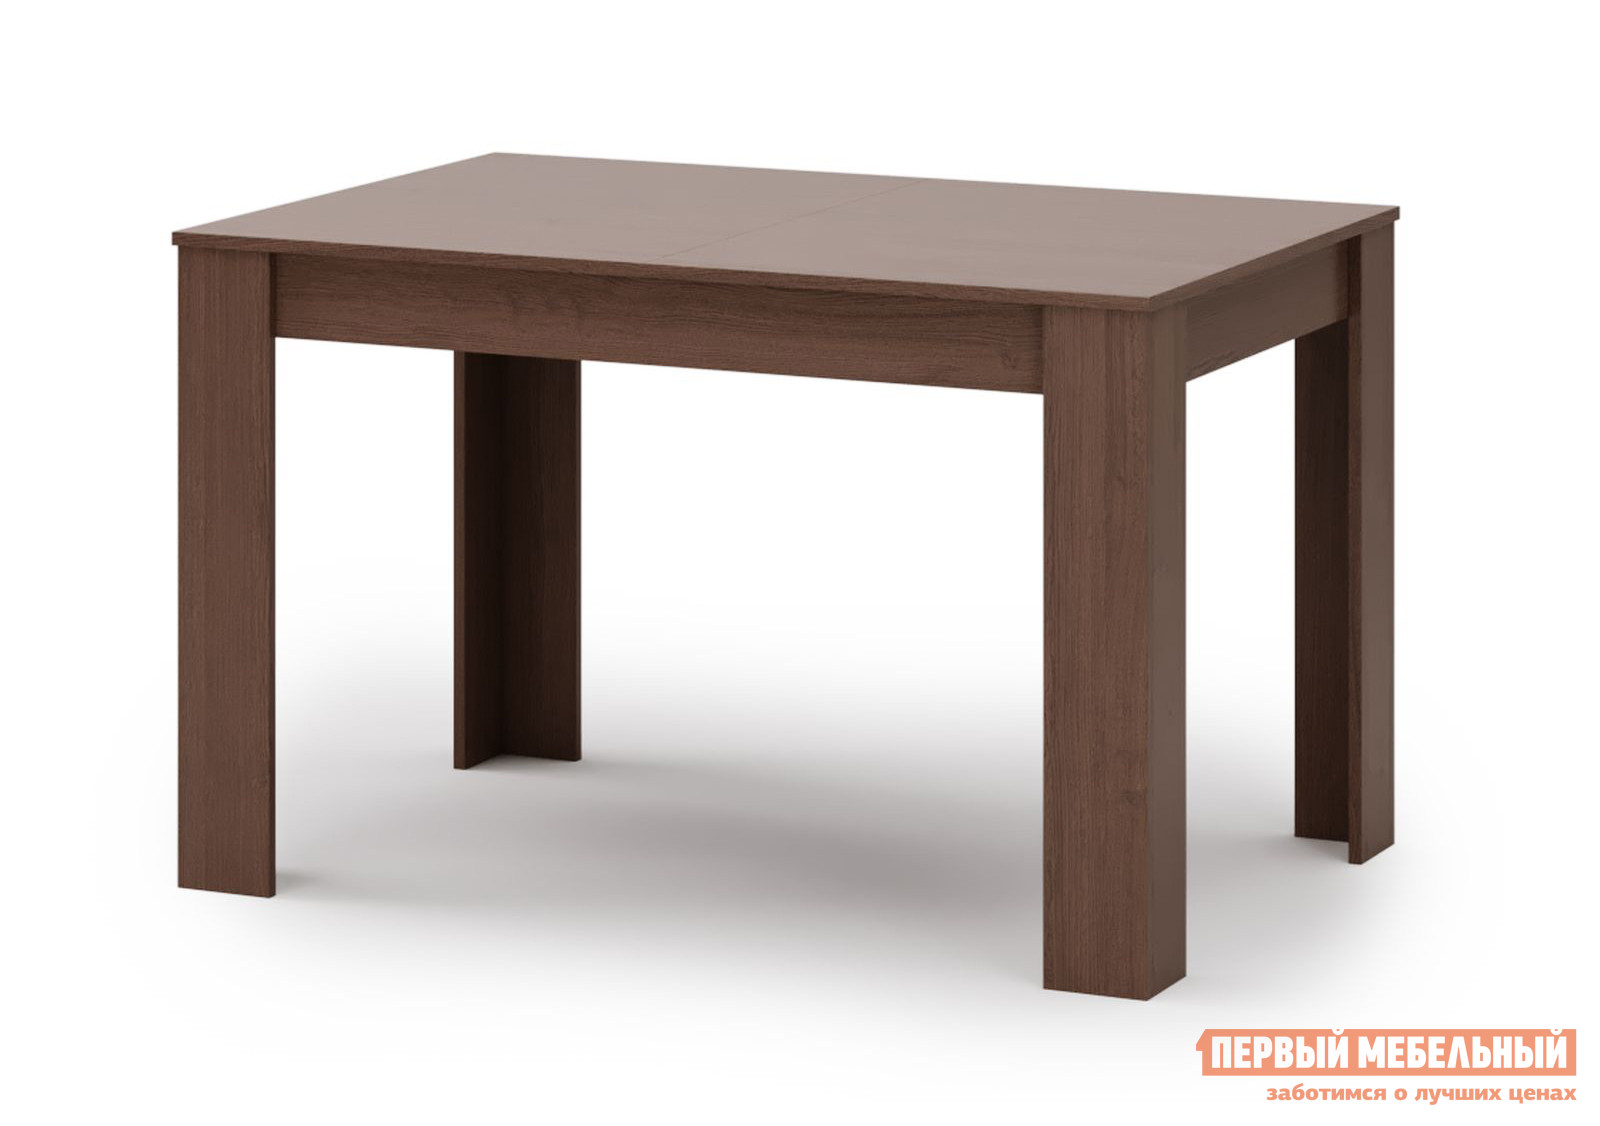 Обеденный стол Первый Мебельный Обеденный стол Джастин 2 goodwood стол обеденный